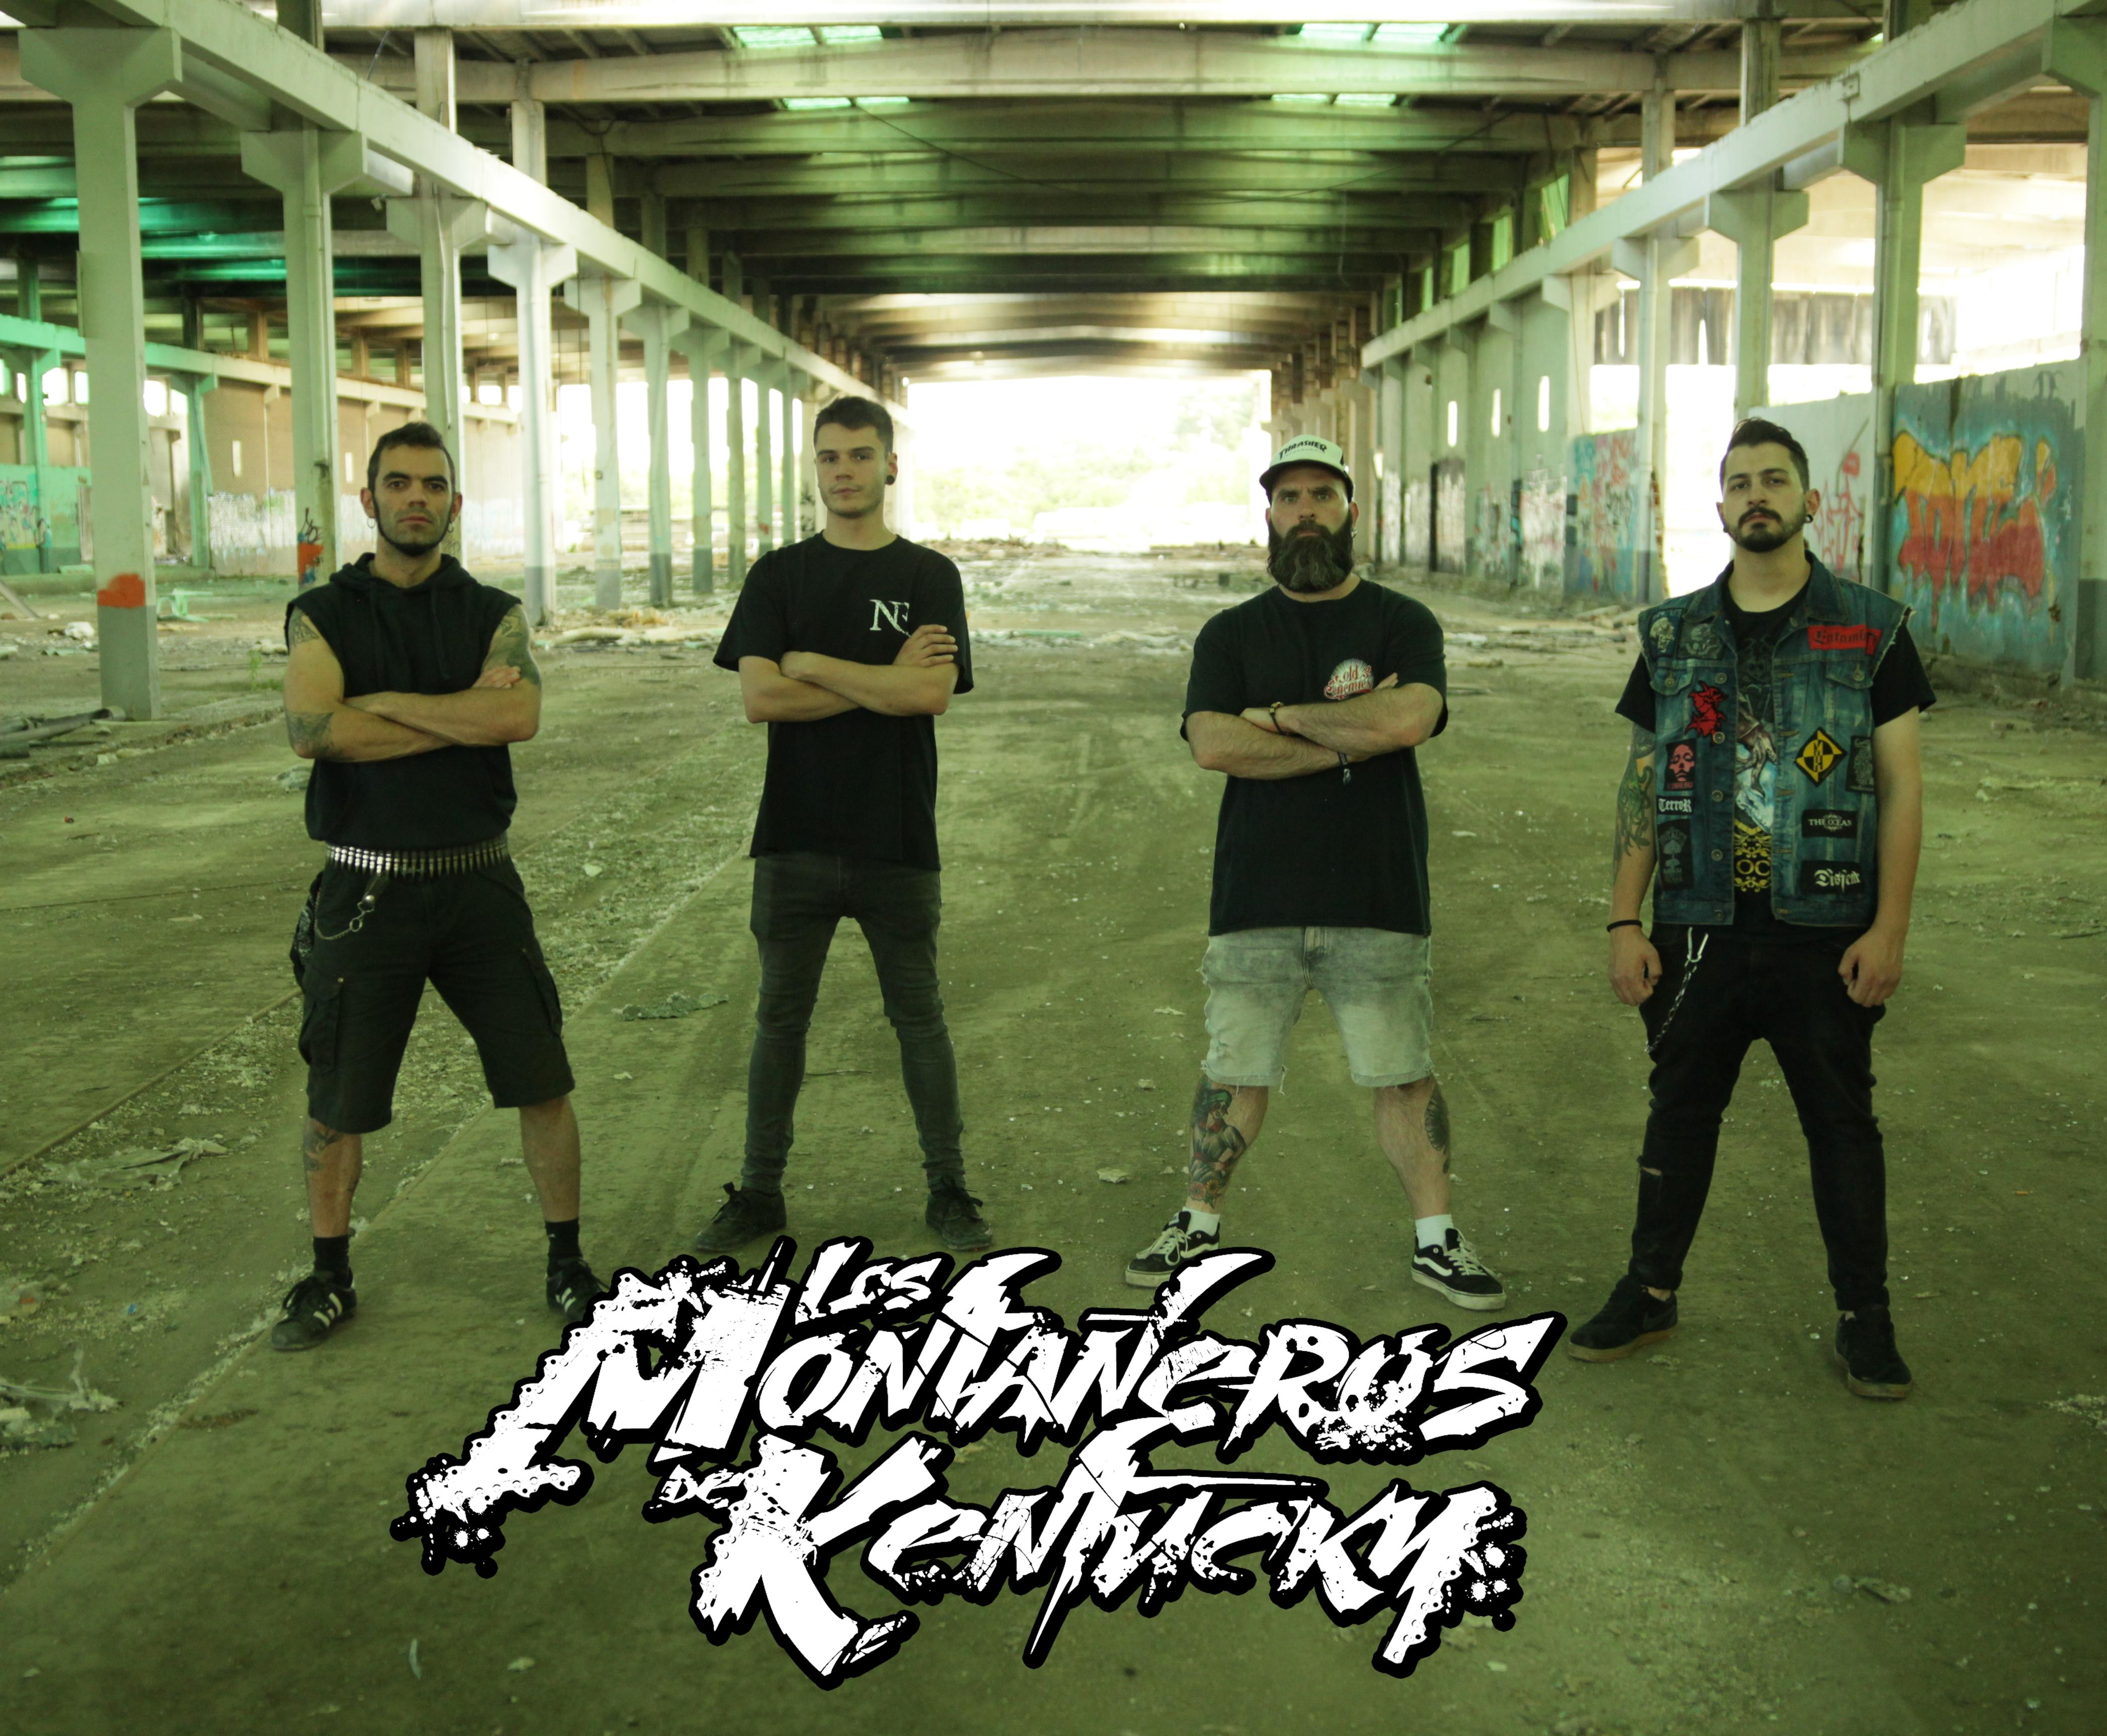 Entrevista  a LOS MONTAÑEROS DE KENTUCKY